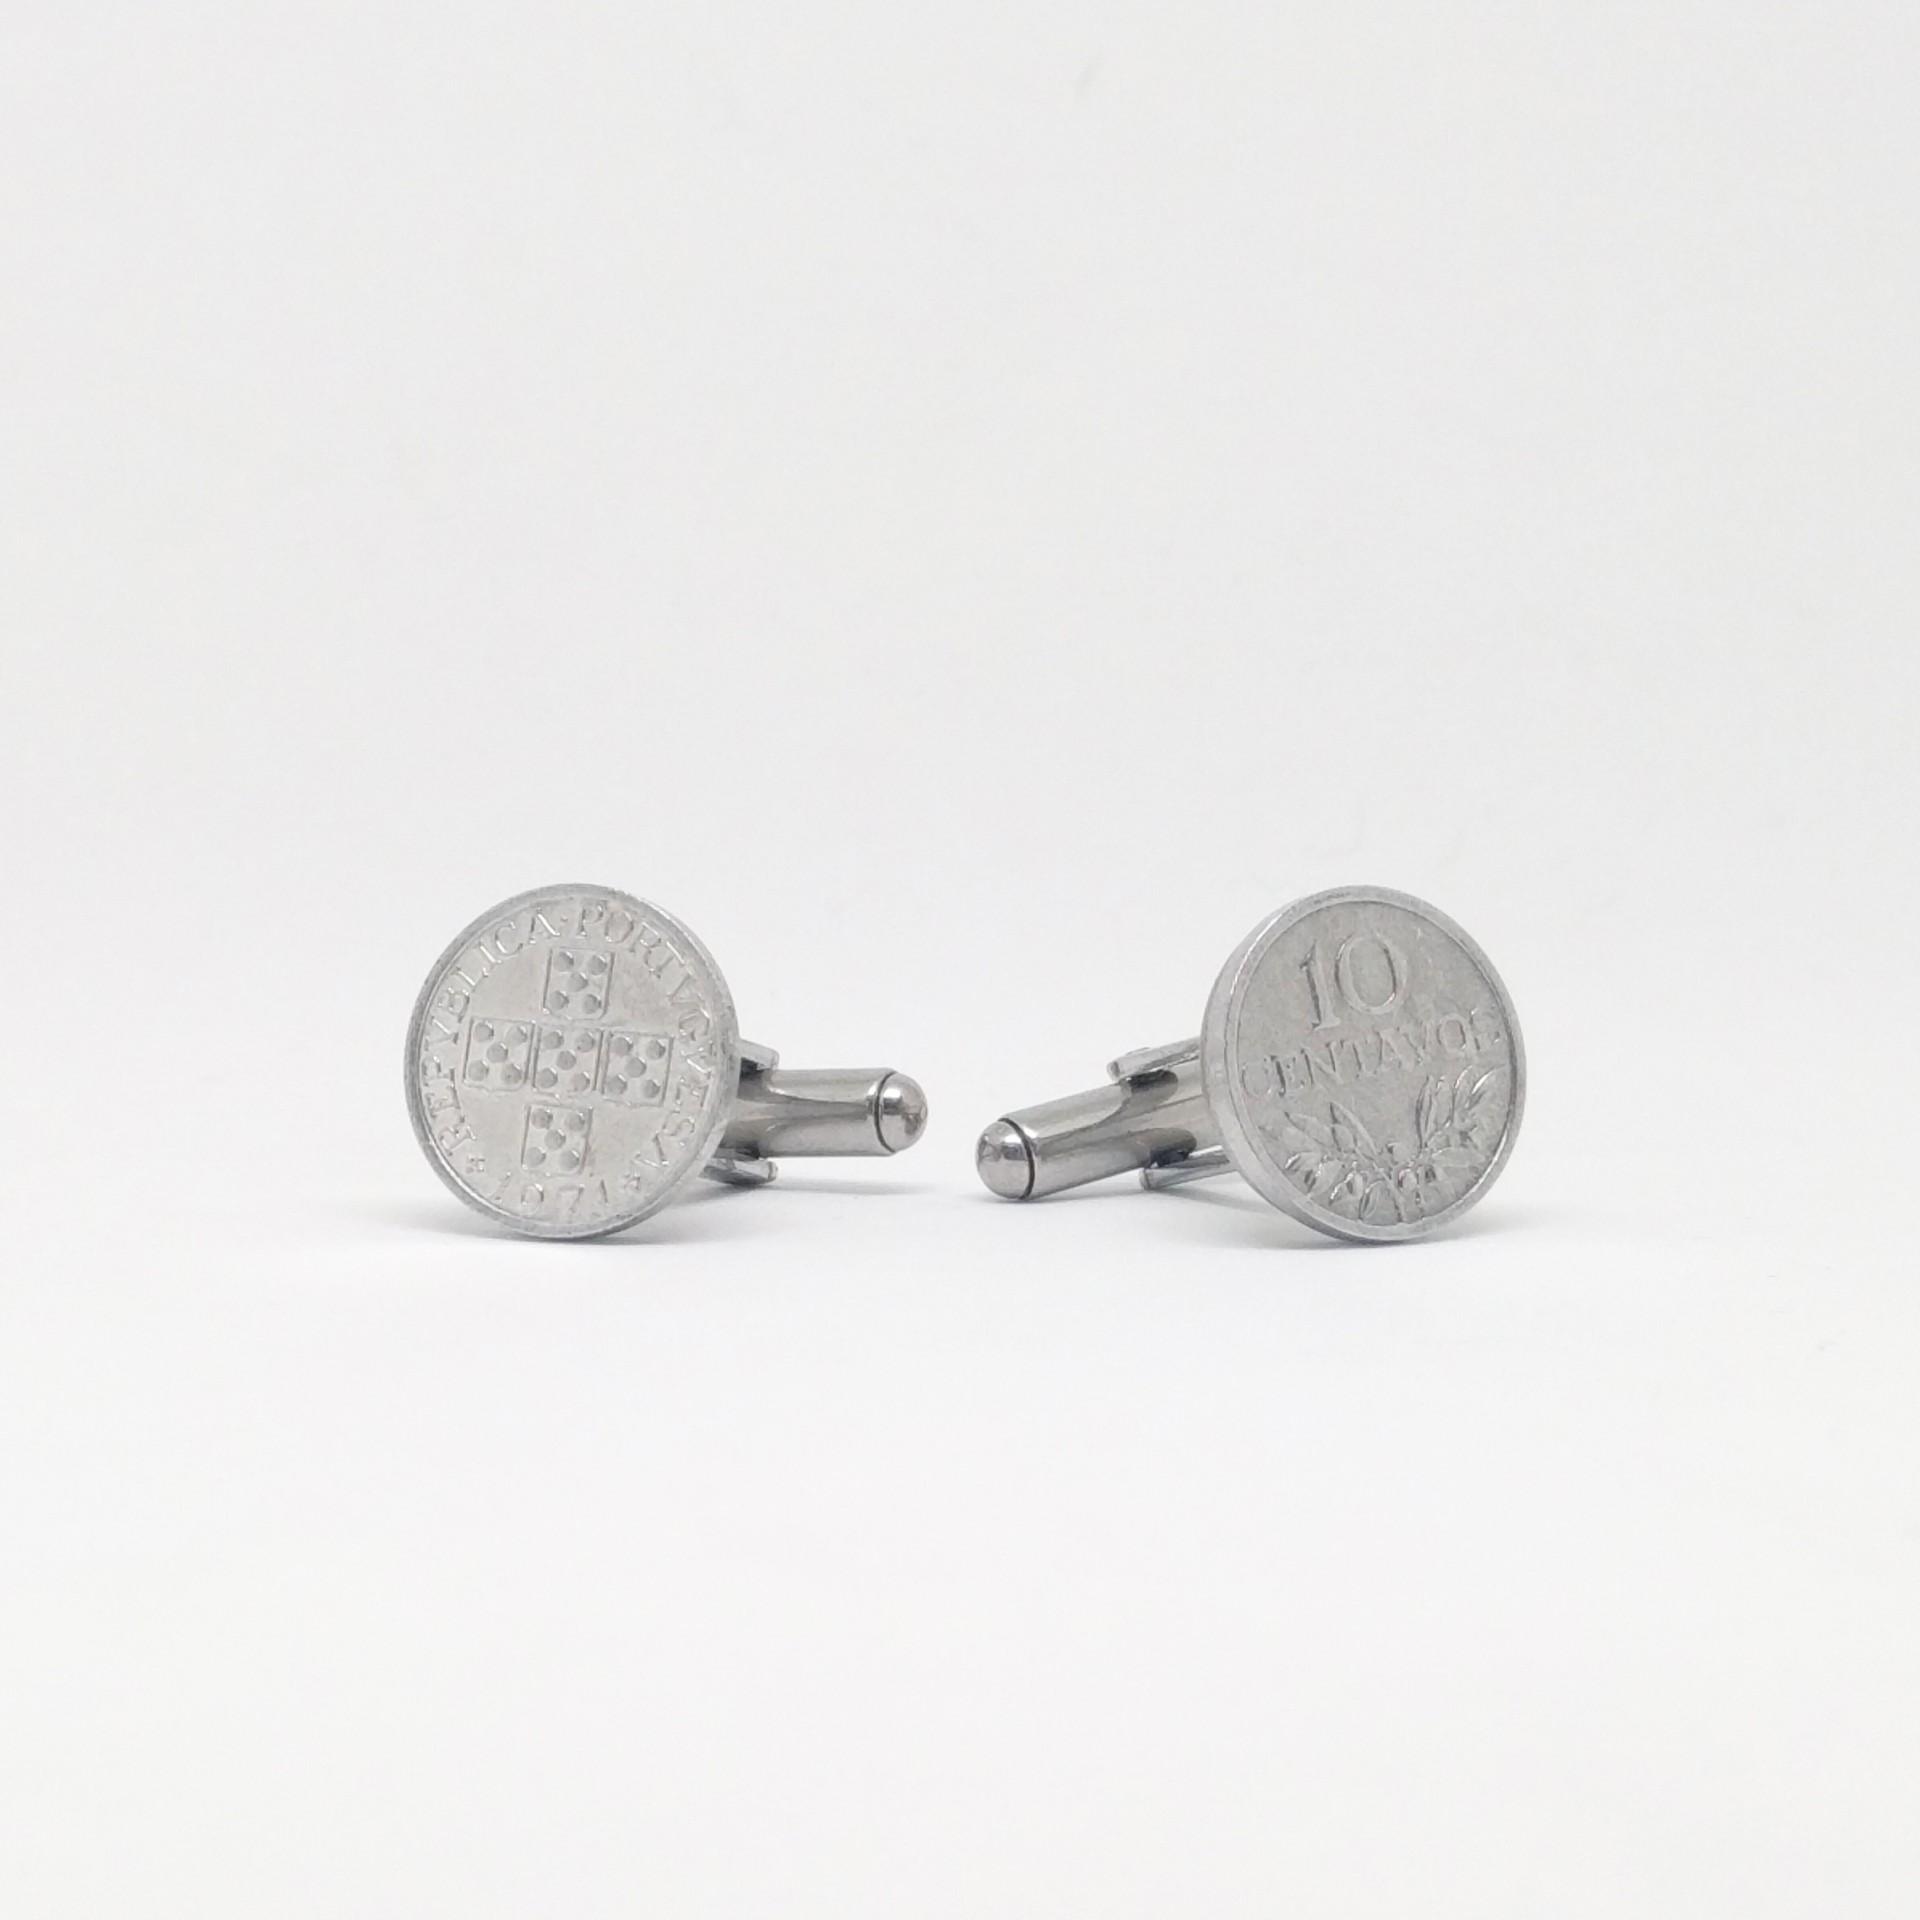 Botões de punho $10 Centavos